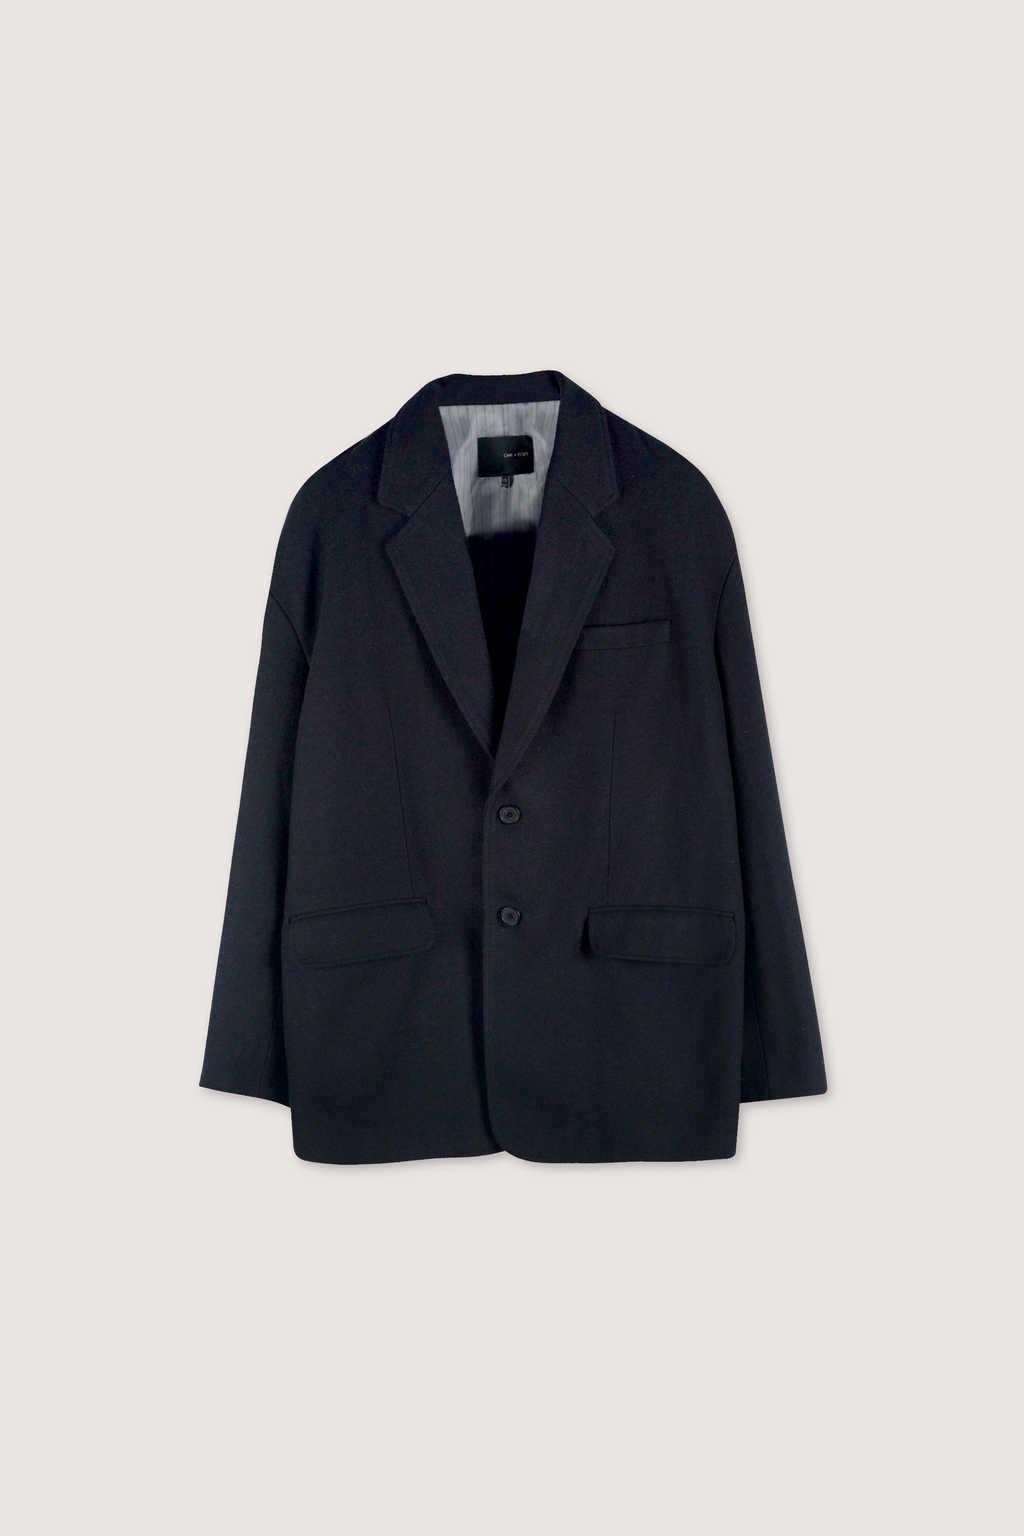 Jacket H023 Navy 20